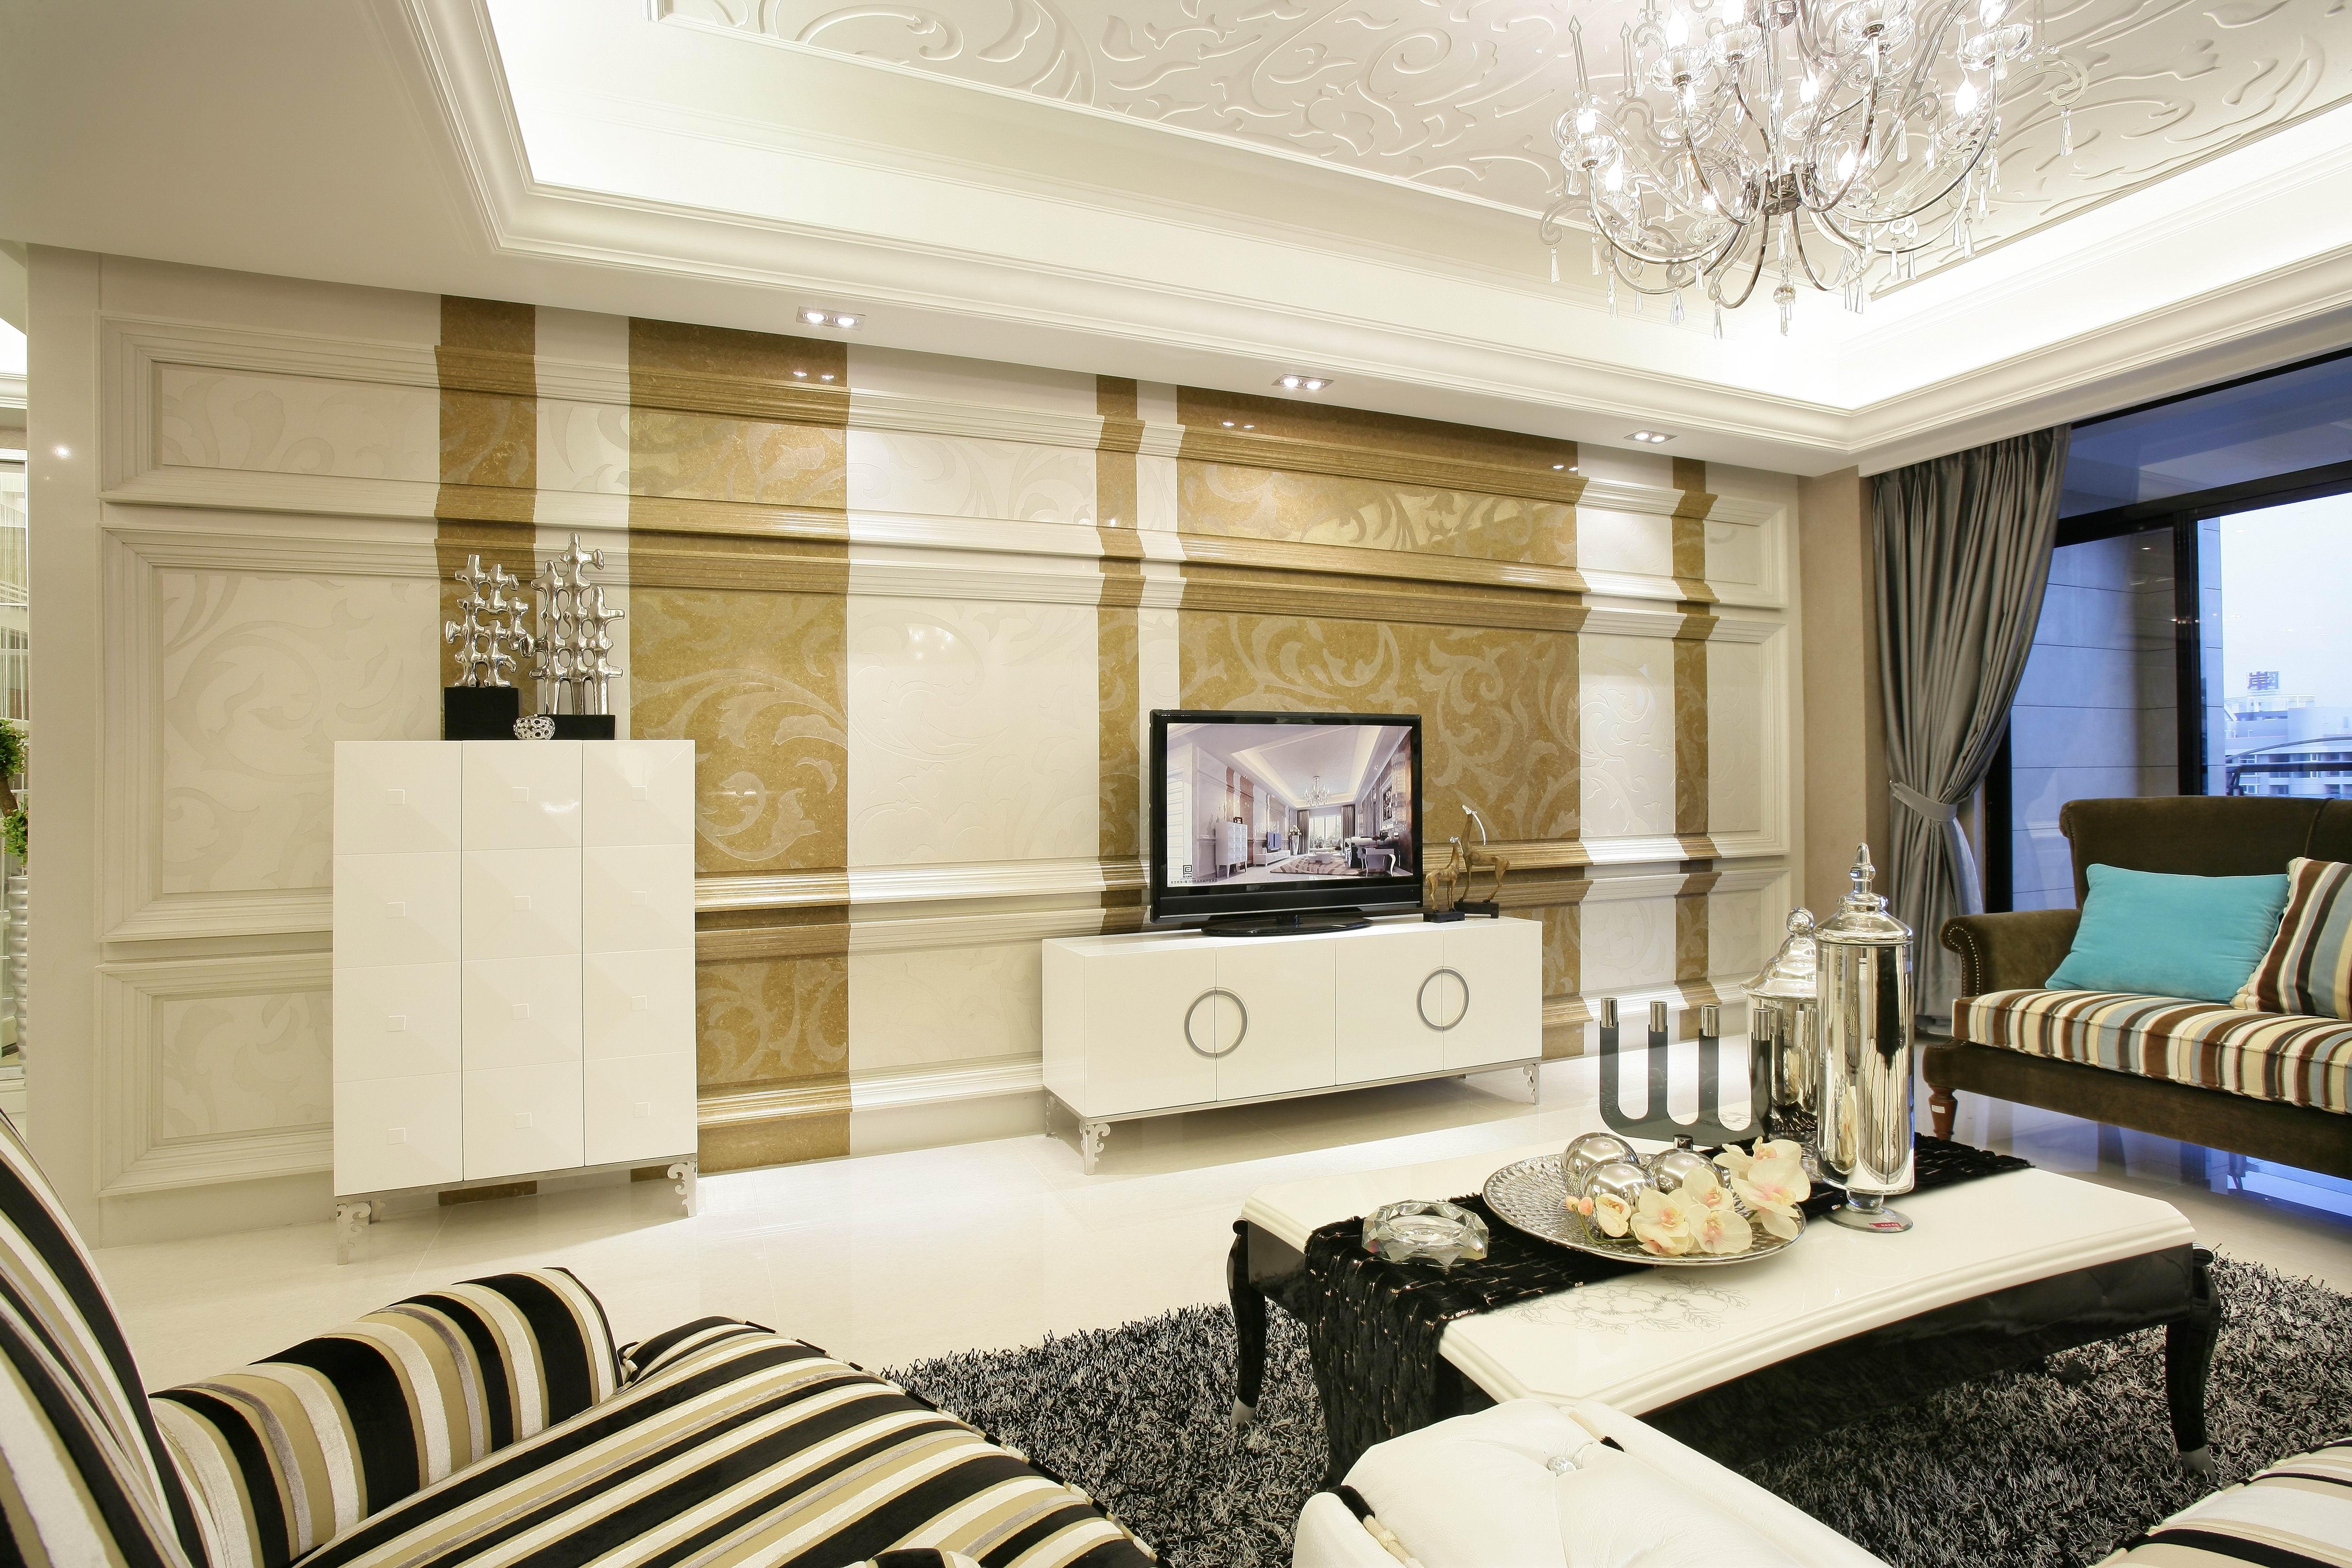 上海红缇半岛简欧风格装修案例赏析---尚层上海别墅装修